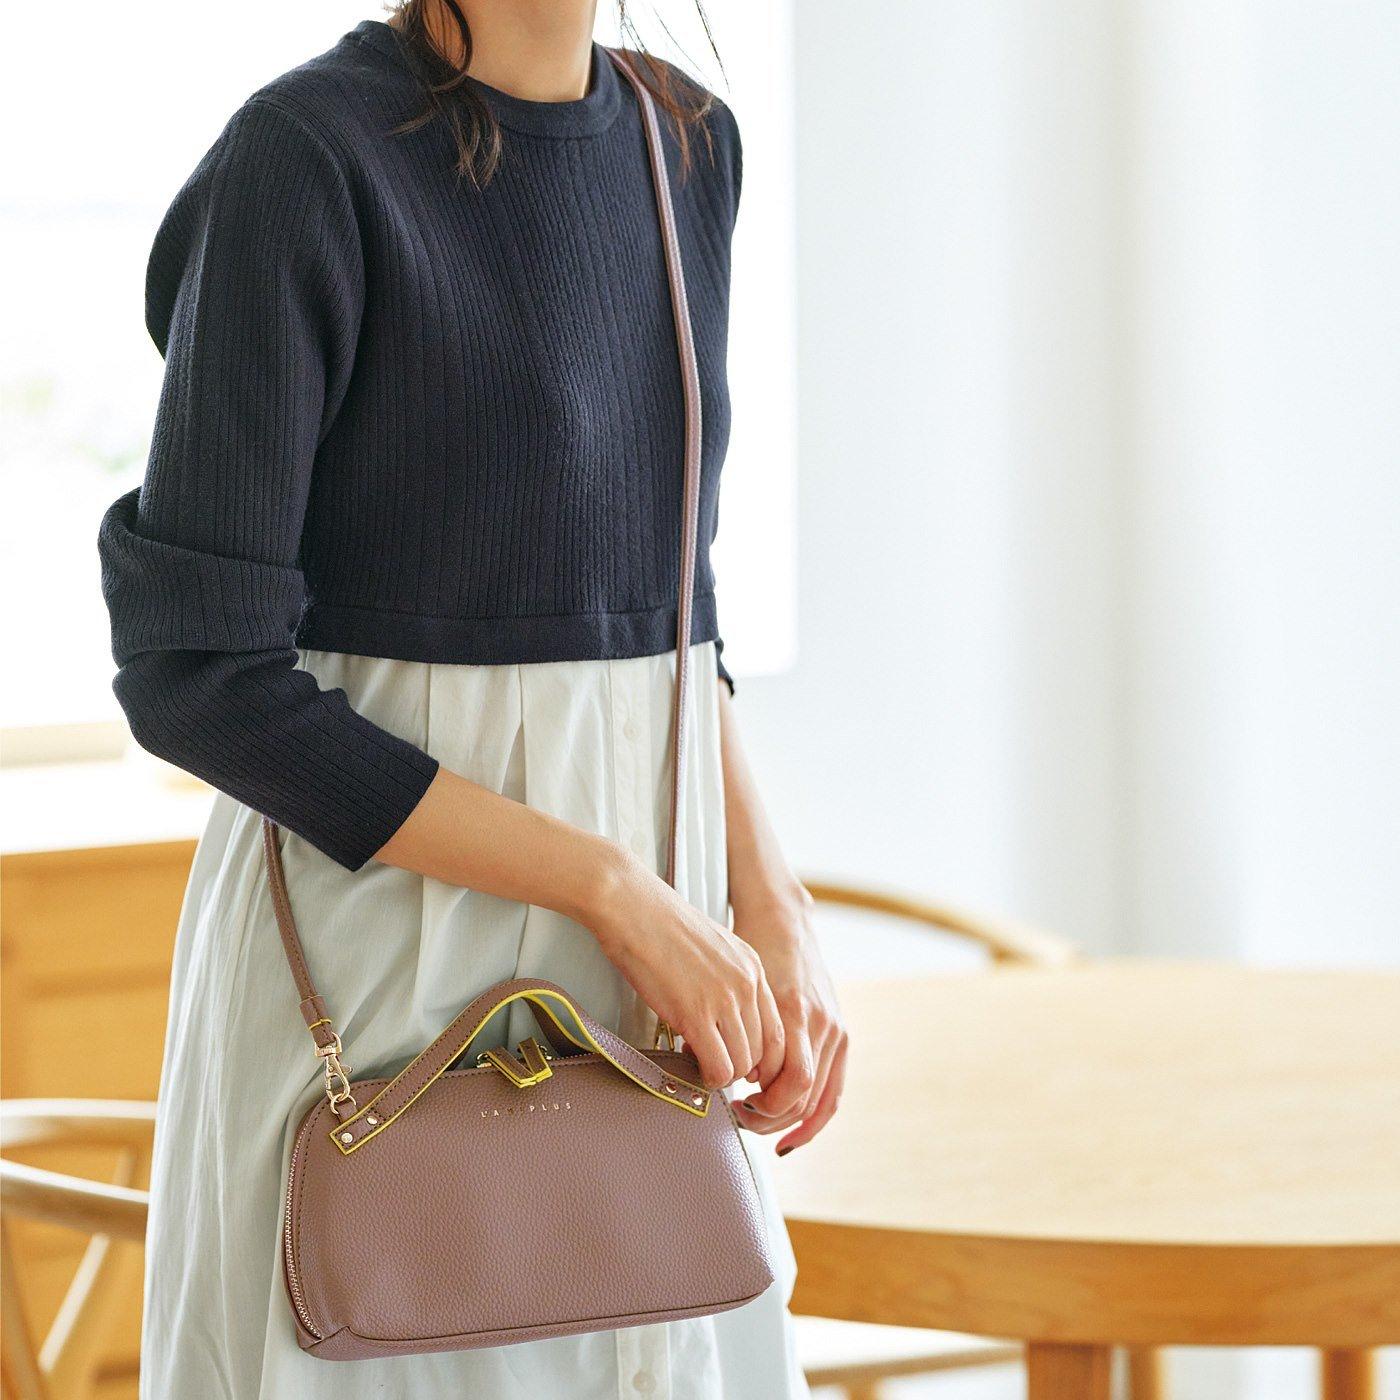 お財布とミニバッグがドッキング! かばっと開いて一目瞭然(りょうぜん)なウォレットショルダーバッグ